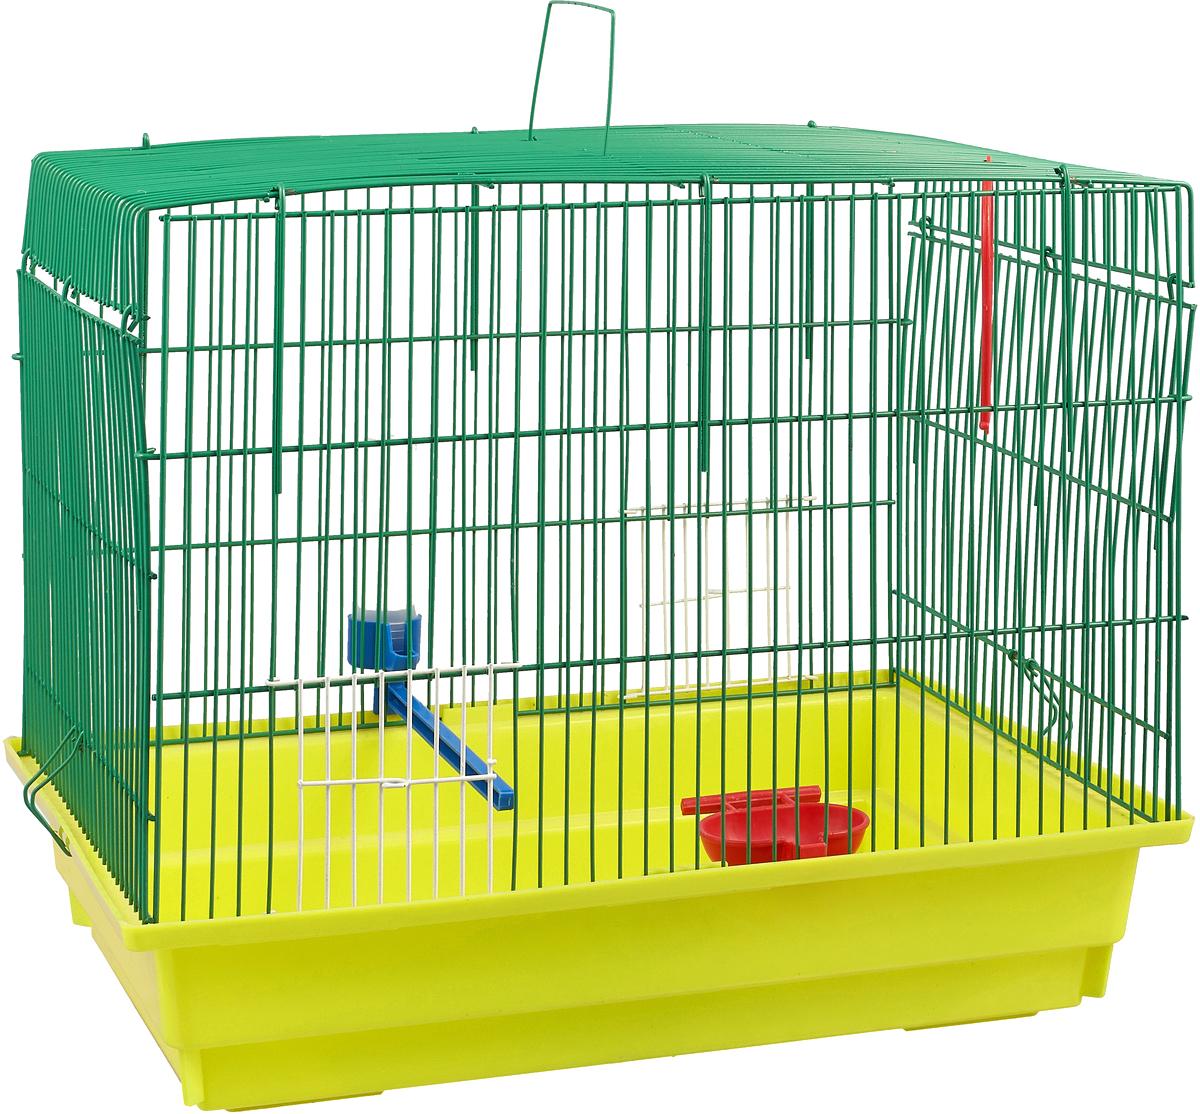 Клетка для птиц ЗооМарк, большая, цвет: желтый поддон, зеленая решетка. 470 цена